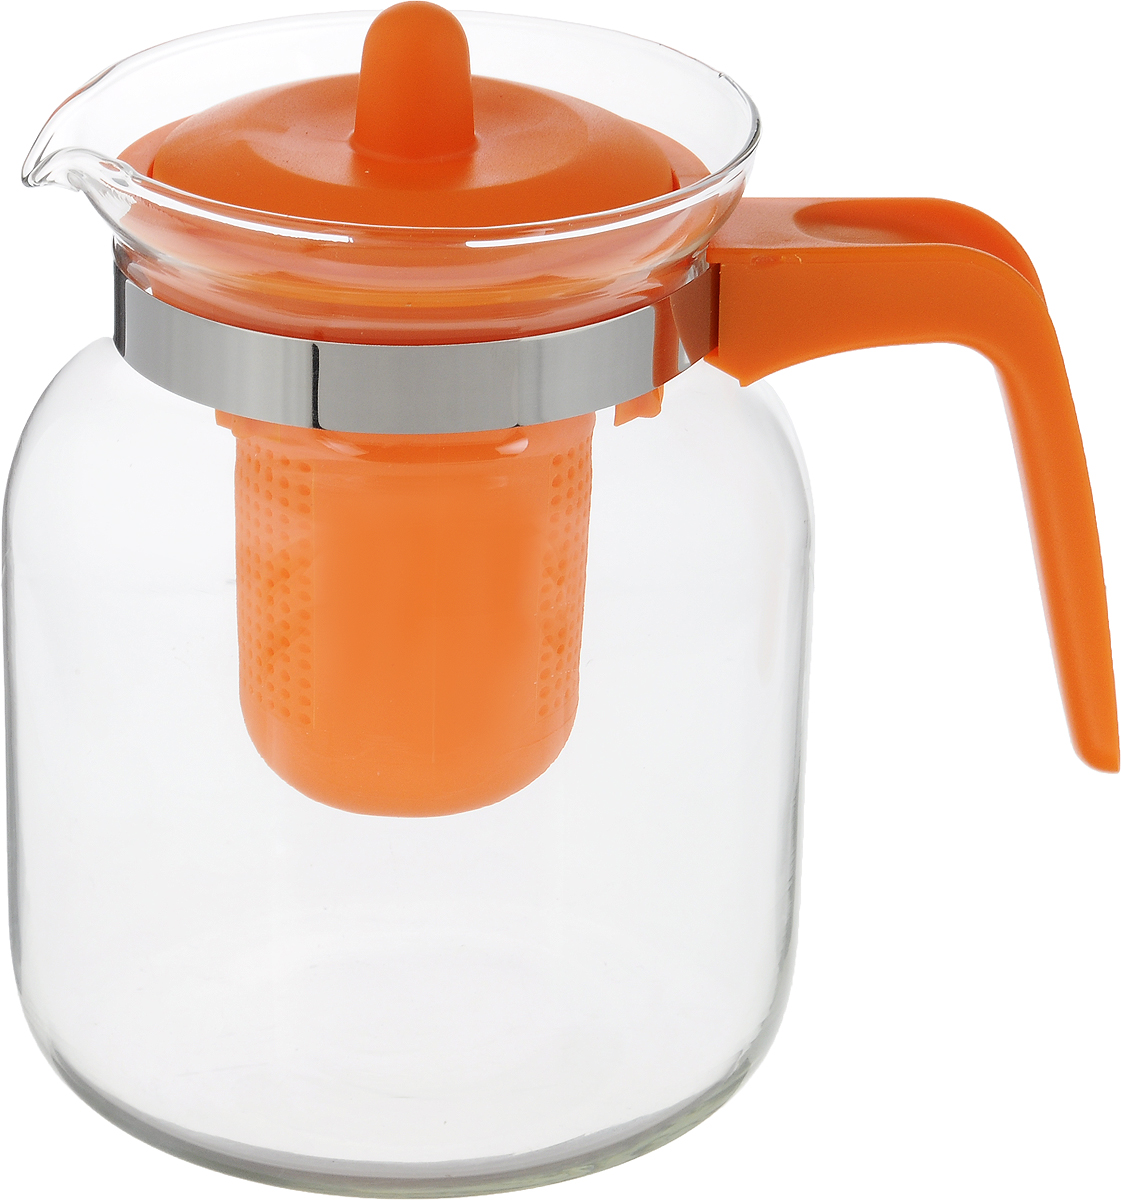 Чайник-кувшин Menu Чабрец, с фильтром, цвет: прозрачный, оранжевый, 1,45 лCHZ-14_оранжевыйЧайник-кувшин Menu Чабрец изготовлен из прочного стекла,которое выдерживает температуру до 100°C. Он прекрасноподойдет для заваривания чая и травяных настоев. Классический стиль и оптимальный объем делают чайникудобным и оригинальным аксессуаром, который прекрасноподойдет для ежедневного использования. Ручка изделиявыполнена из пищевого пластика, она не нагревается иобеспечивает безопасность использования. Благодарясъемному ситечку и оптимальной форме колбы, чайник- кувшин Menu Чабрец идеально подходит для использованияего в качестве кувшина для воды и прохладительных напитков. Диаметр чайника по верхнему краю: 10,3 см. Общий диаметр чайника: 11 см. Высота чайника (без учета ручки и крышки): 15,6 см. Высота чайника (с учетом ручки и крышки): 17 см.